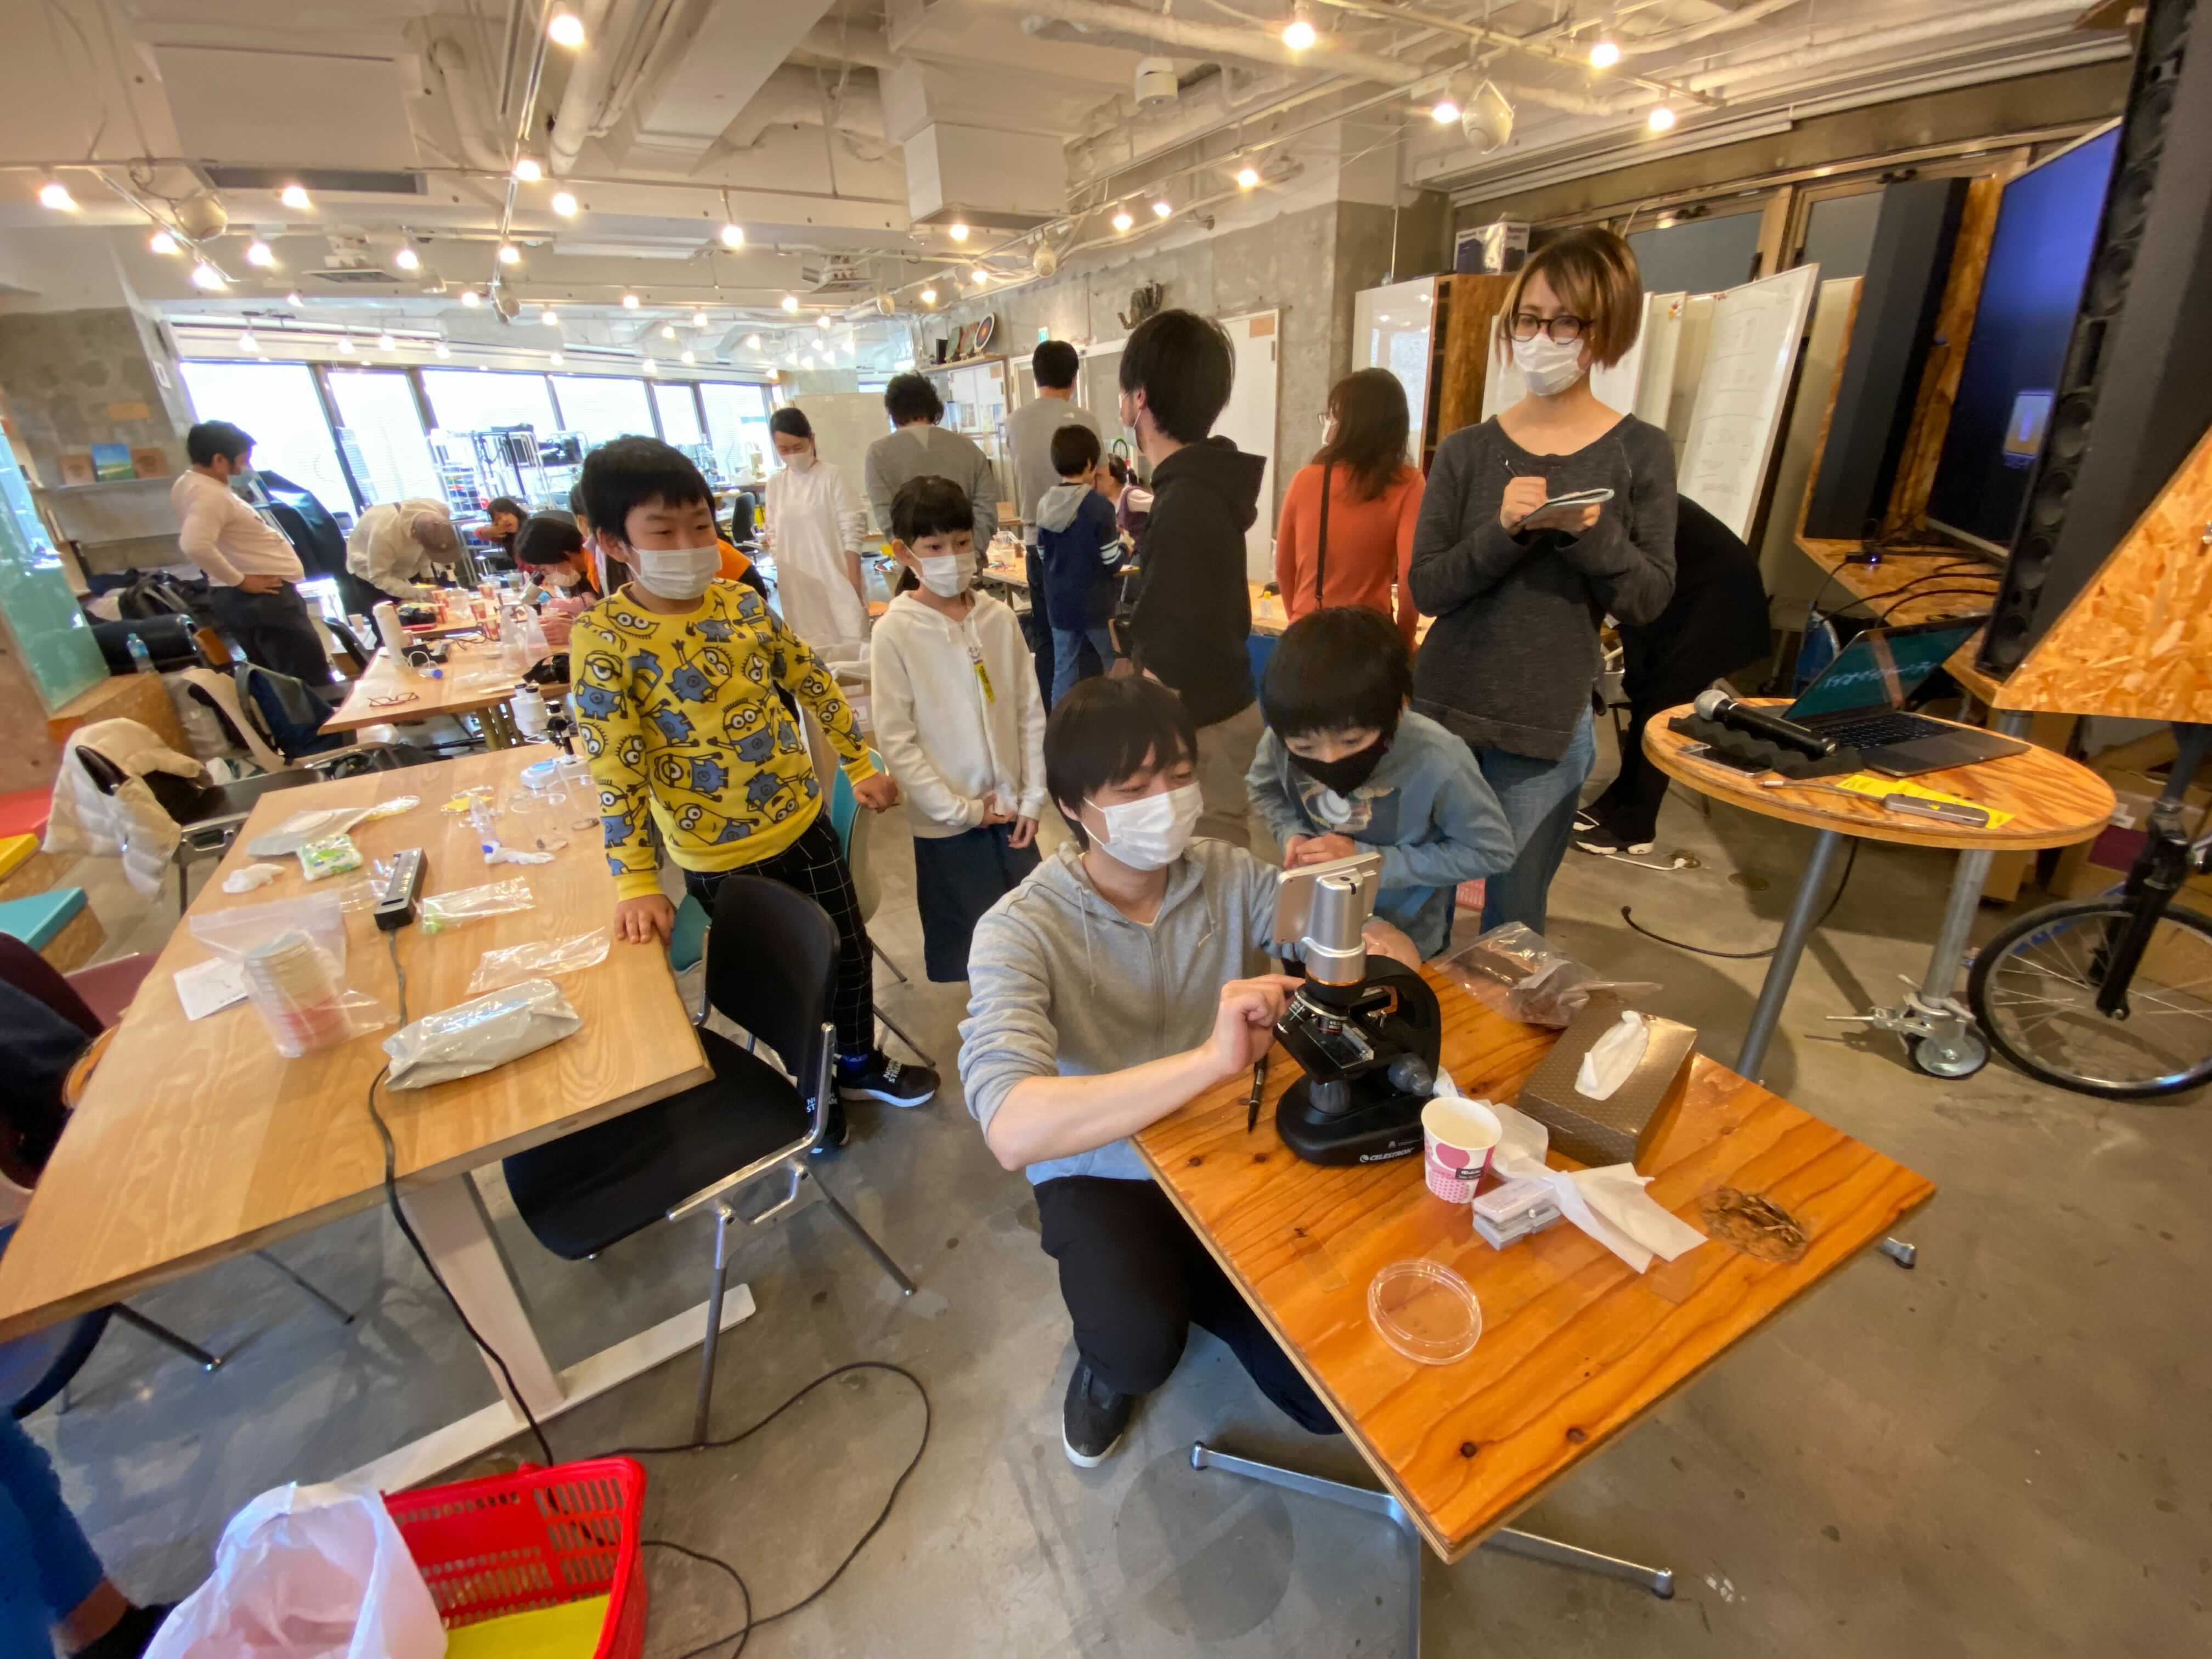 「微生物と自然へバイオダイビング in 渋谷 」ワークショップレポート